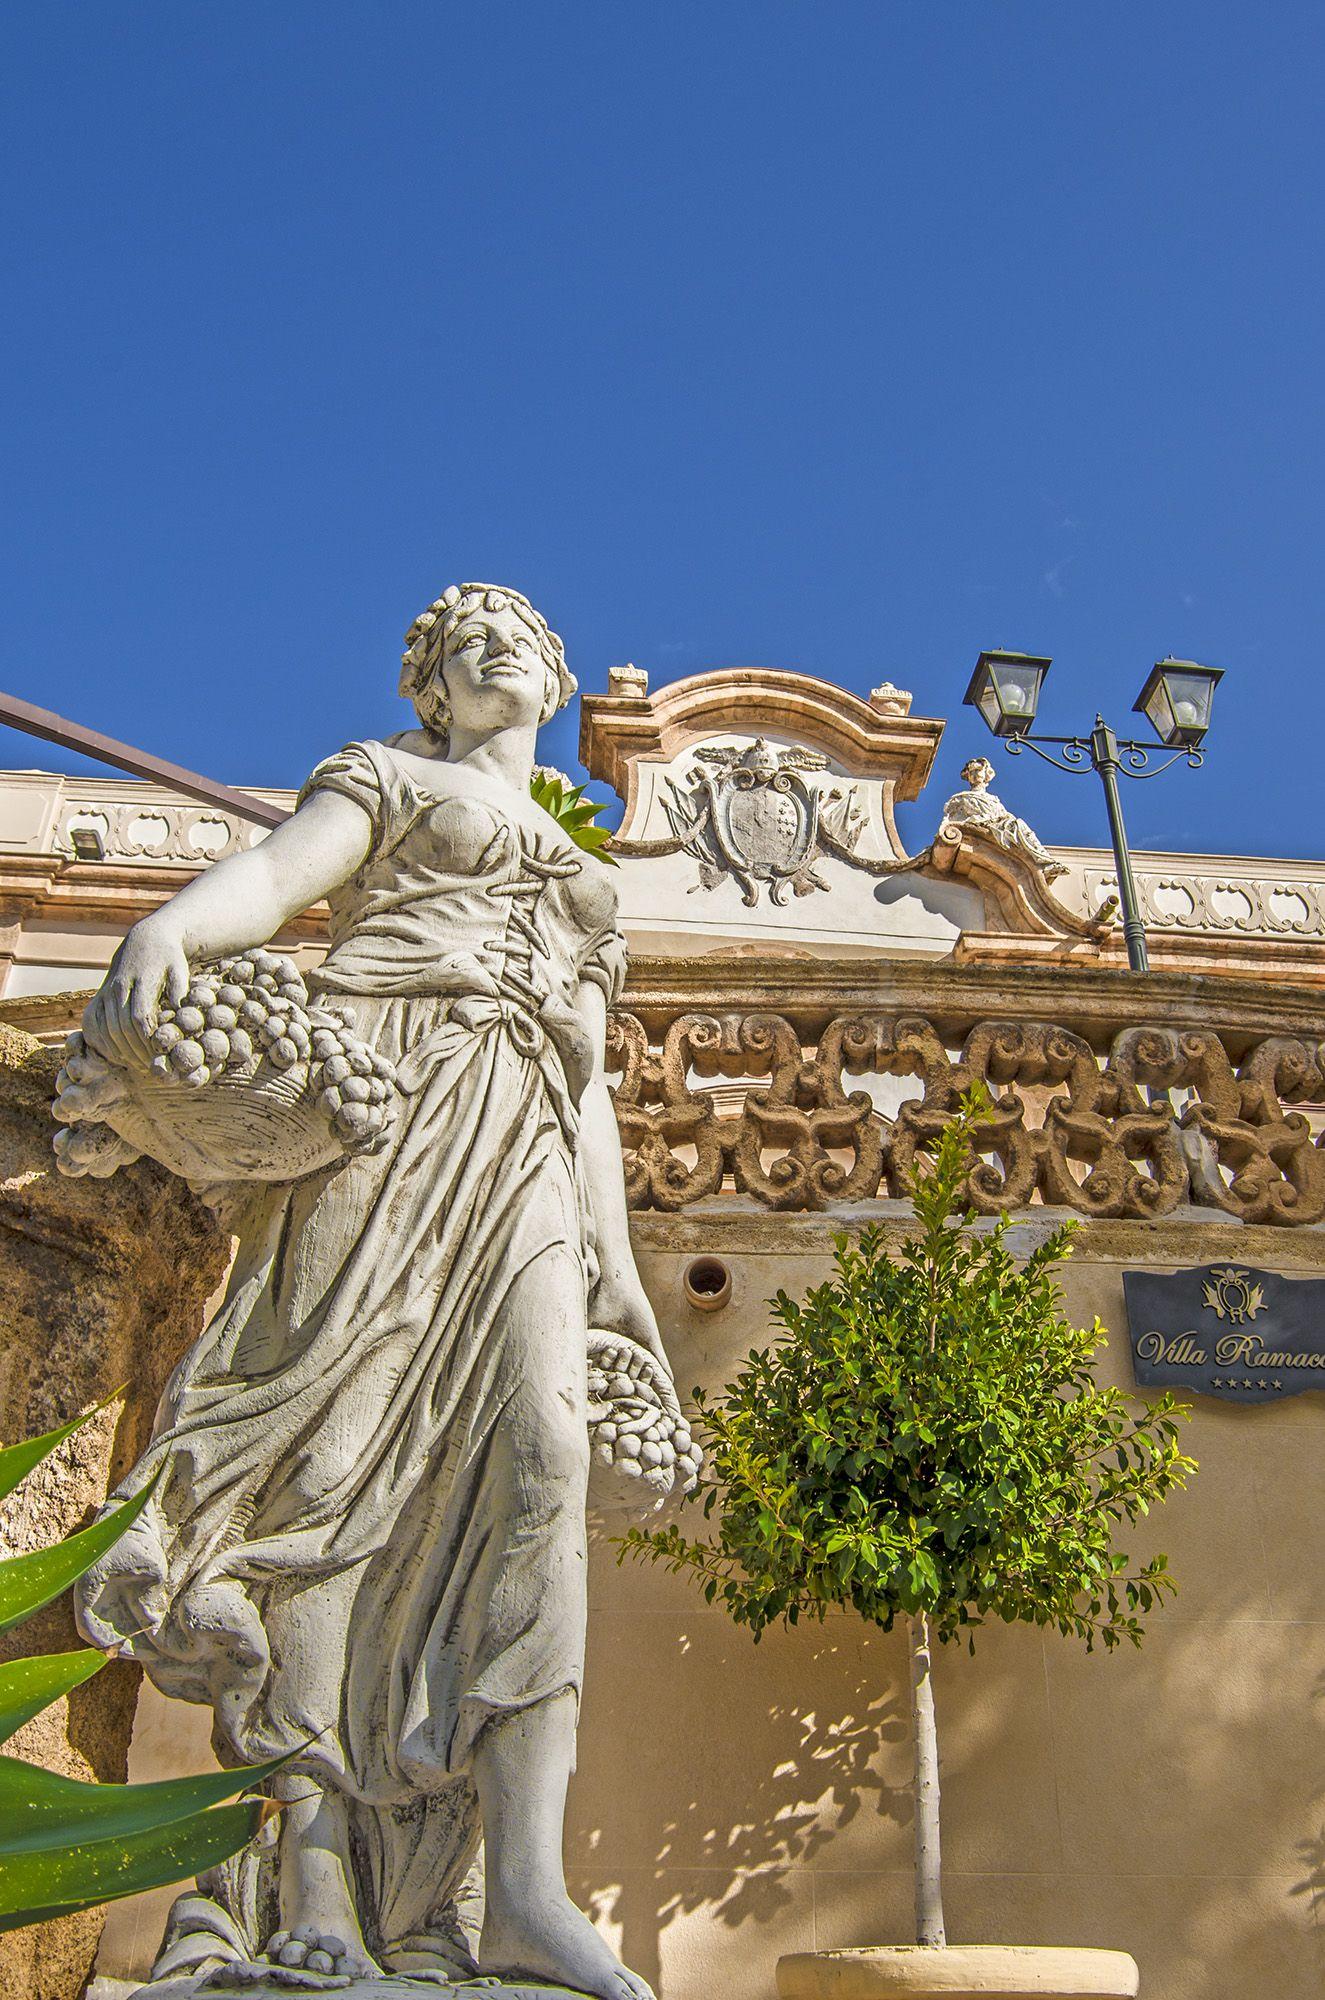 bagheria villa ramacca eine der wundersch246nen